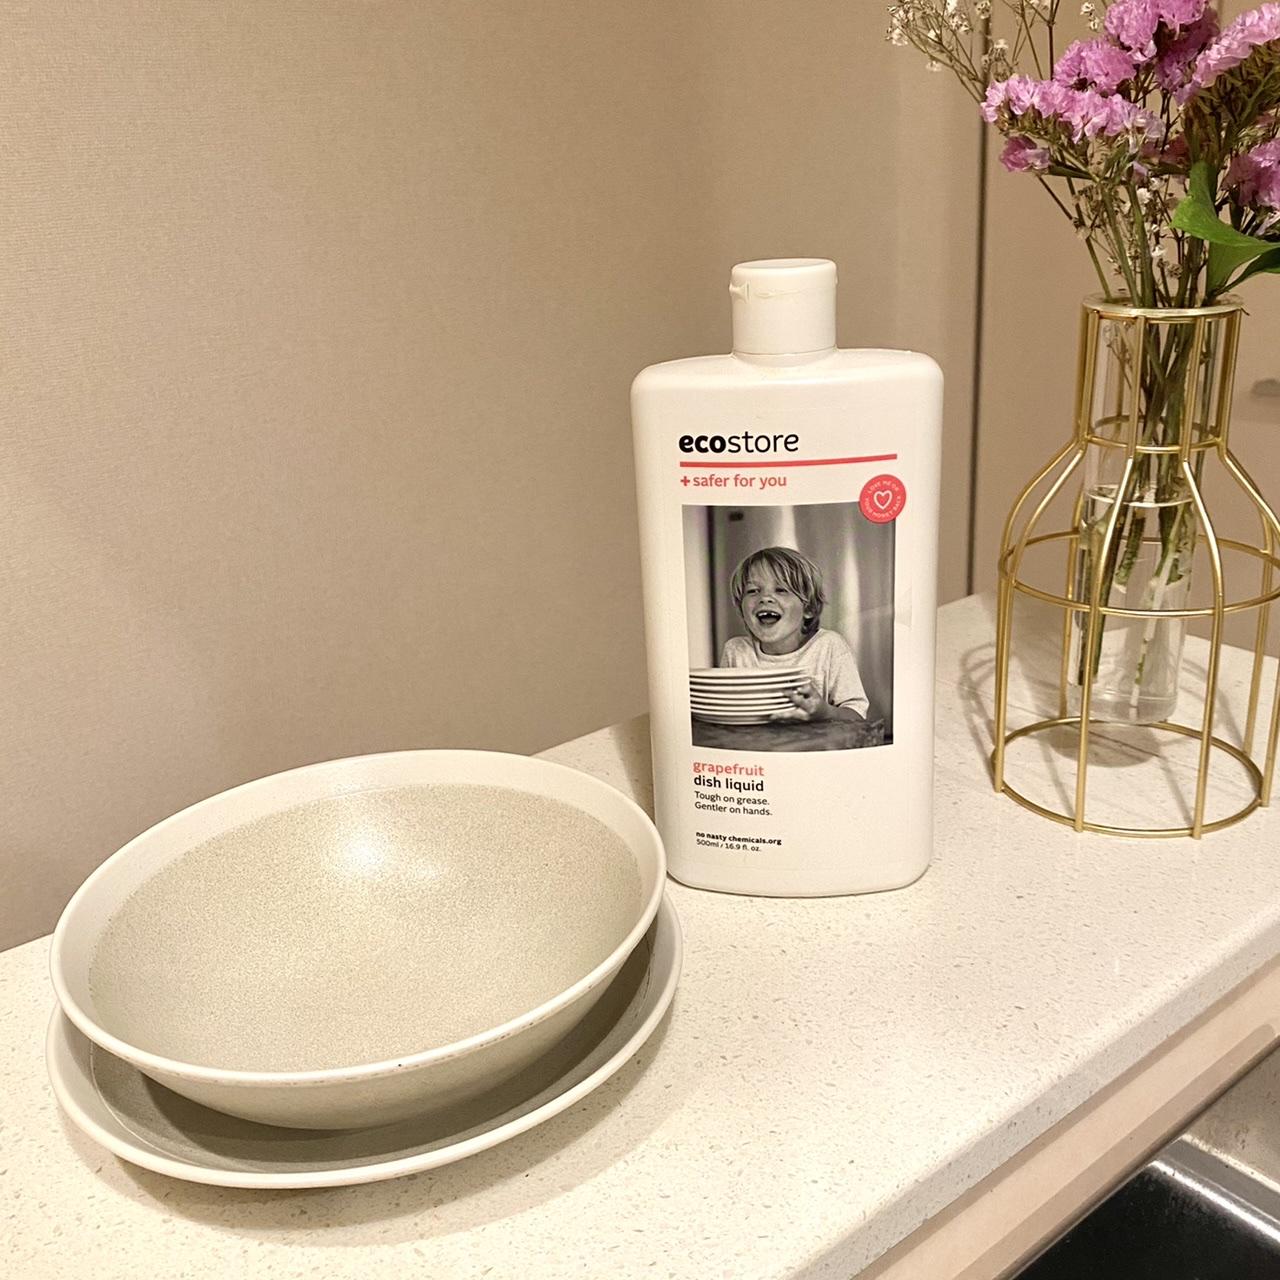 【わたしのサステナブルライフ】地球にもお肌にも優しいecostoreの食器用洗剤❤︎_1